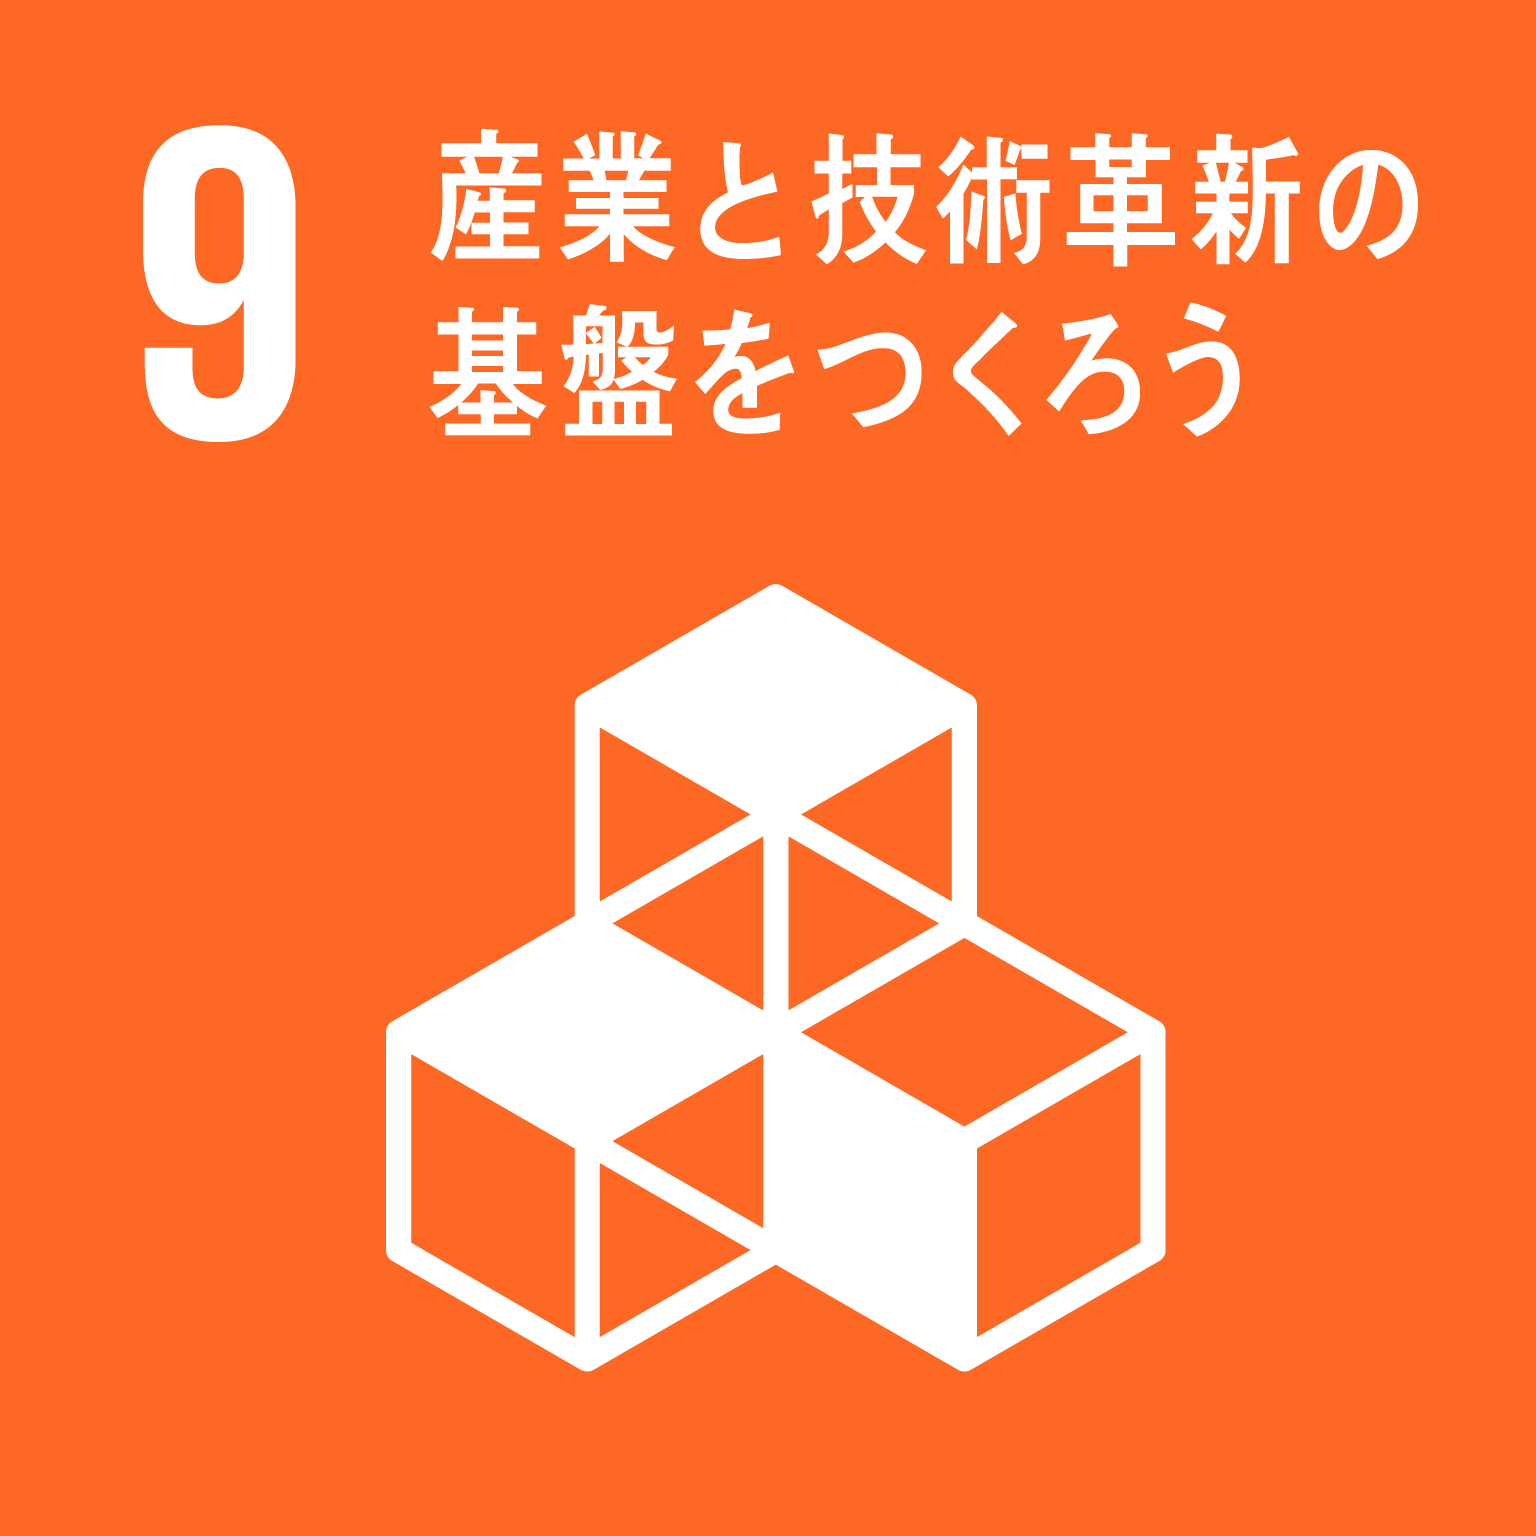 ひやさい2019 × SDGs